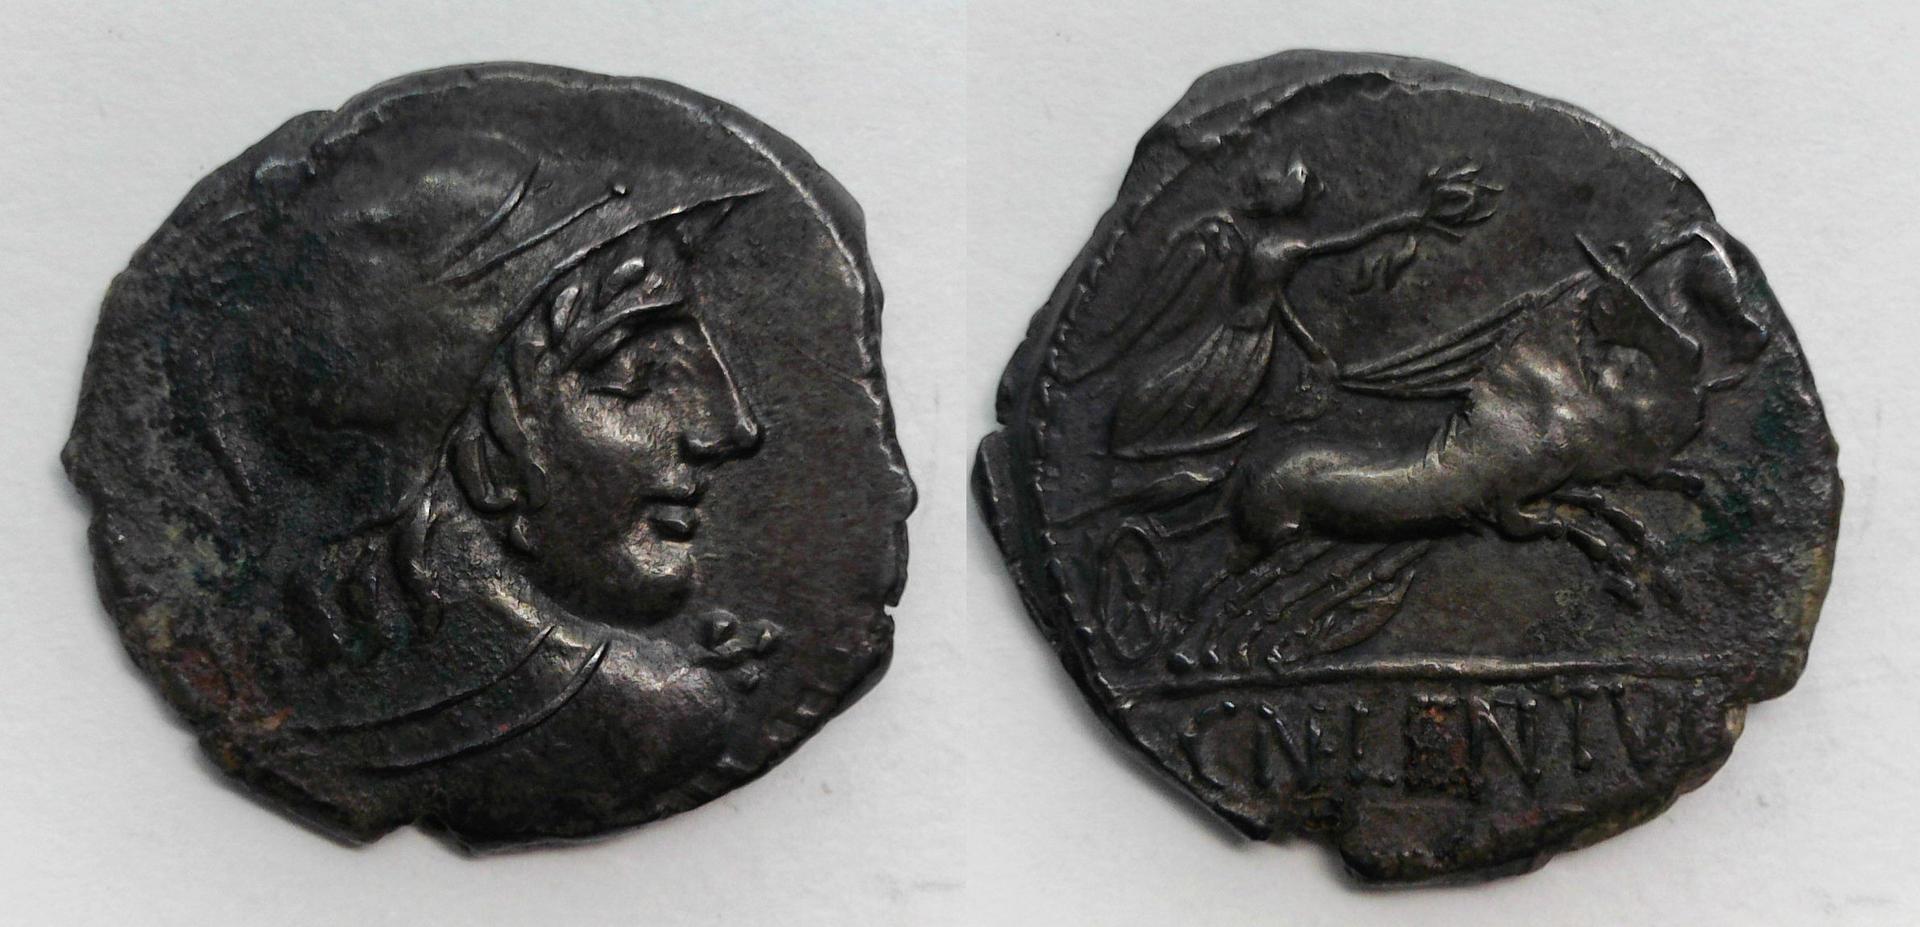 Cn Cornelius Lentulus Clodianus, 88 BC, C. 345/1